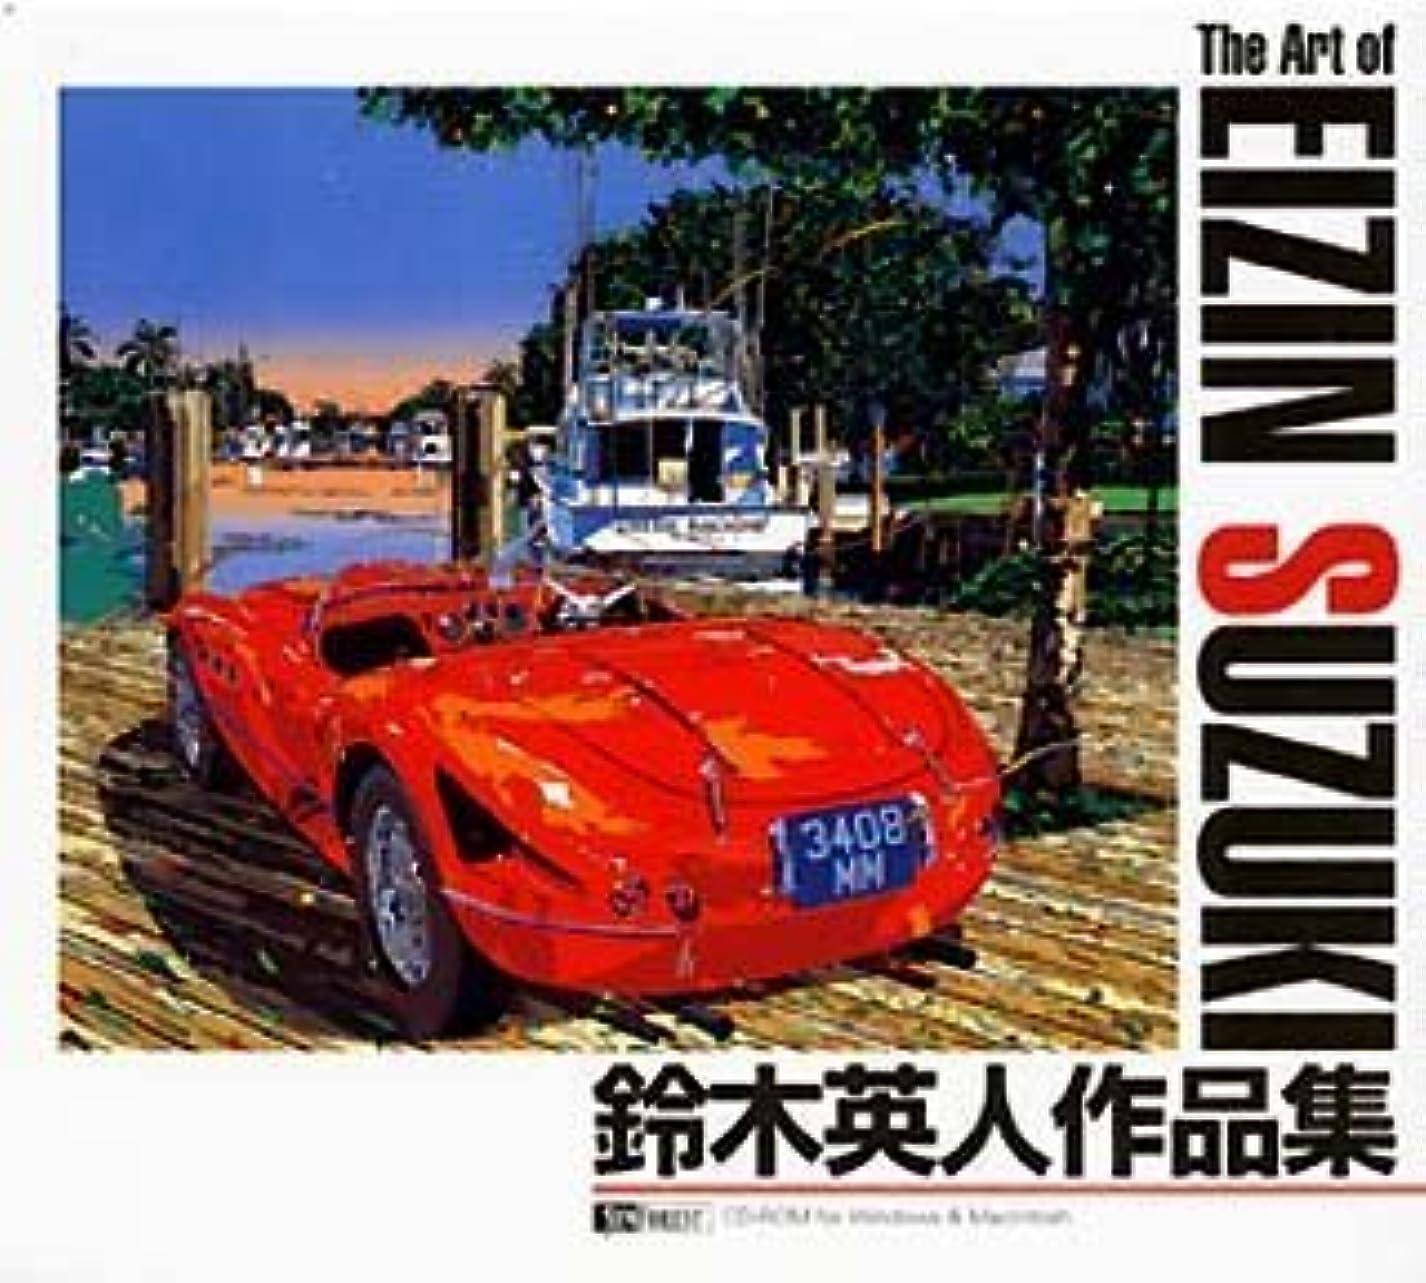 段落液化するスローガン鈴木英人作品集 The Art Of Eizin Suzuki